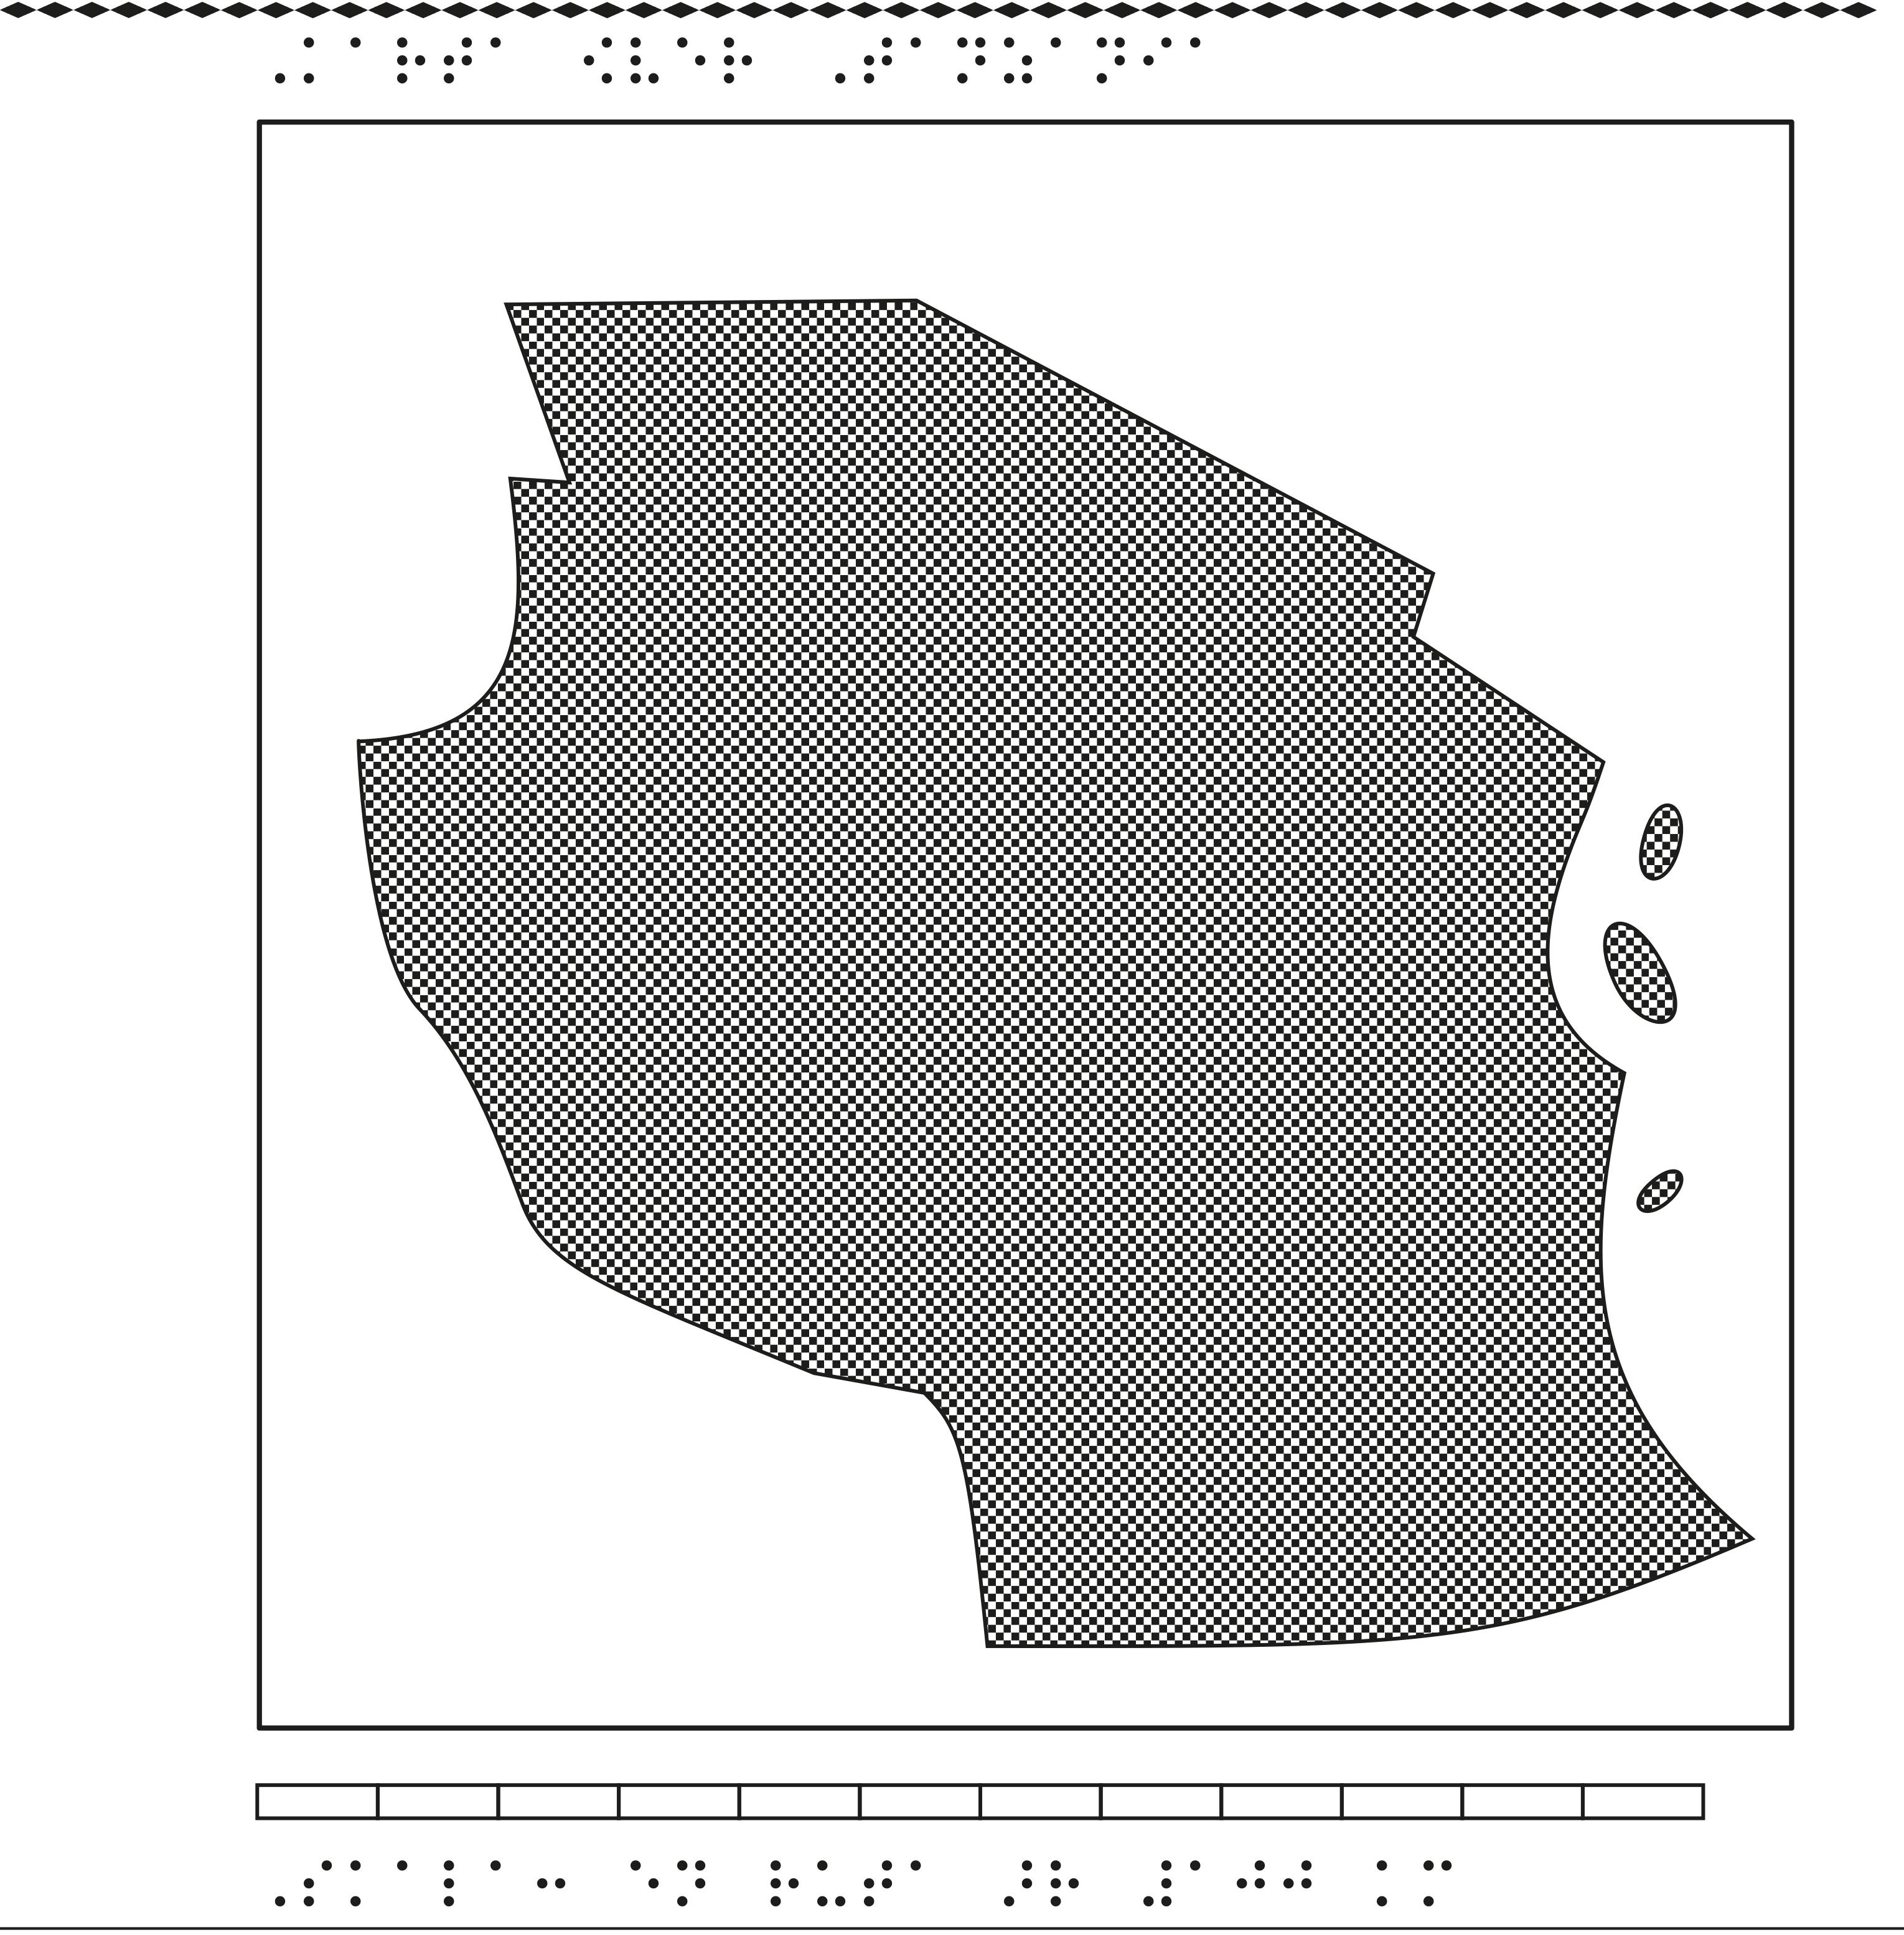 Karta över Tanzania.